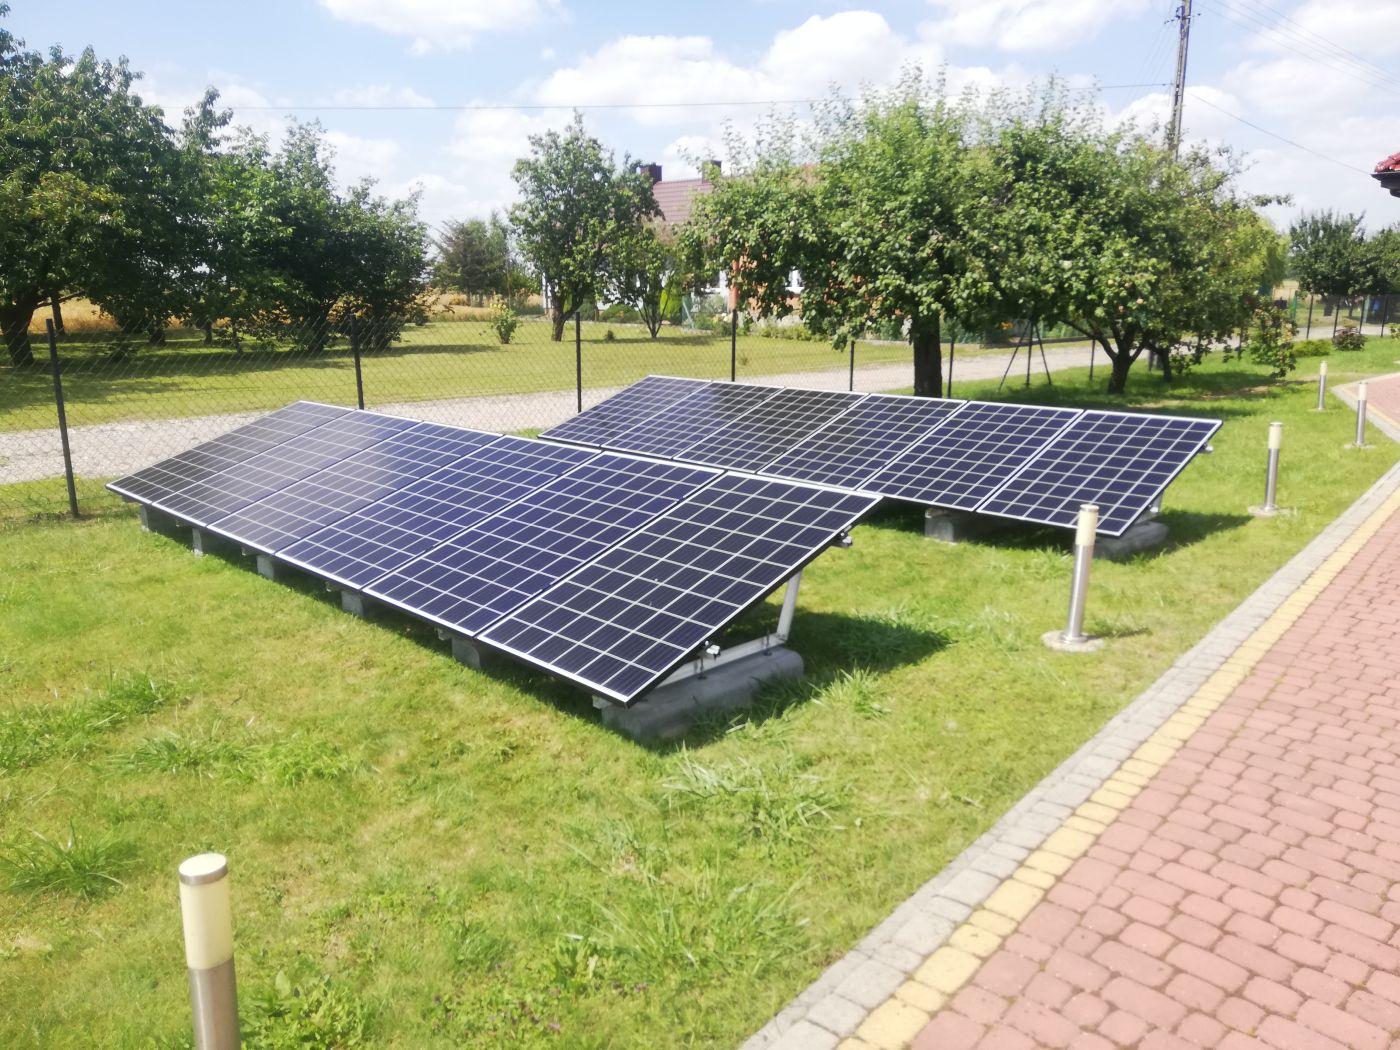 Montaż paneli fotowoltaicznych na ziemi - Otwarta Energia